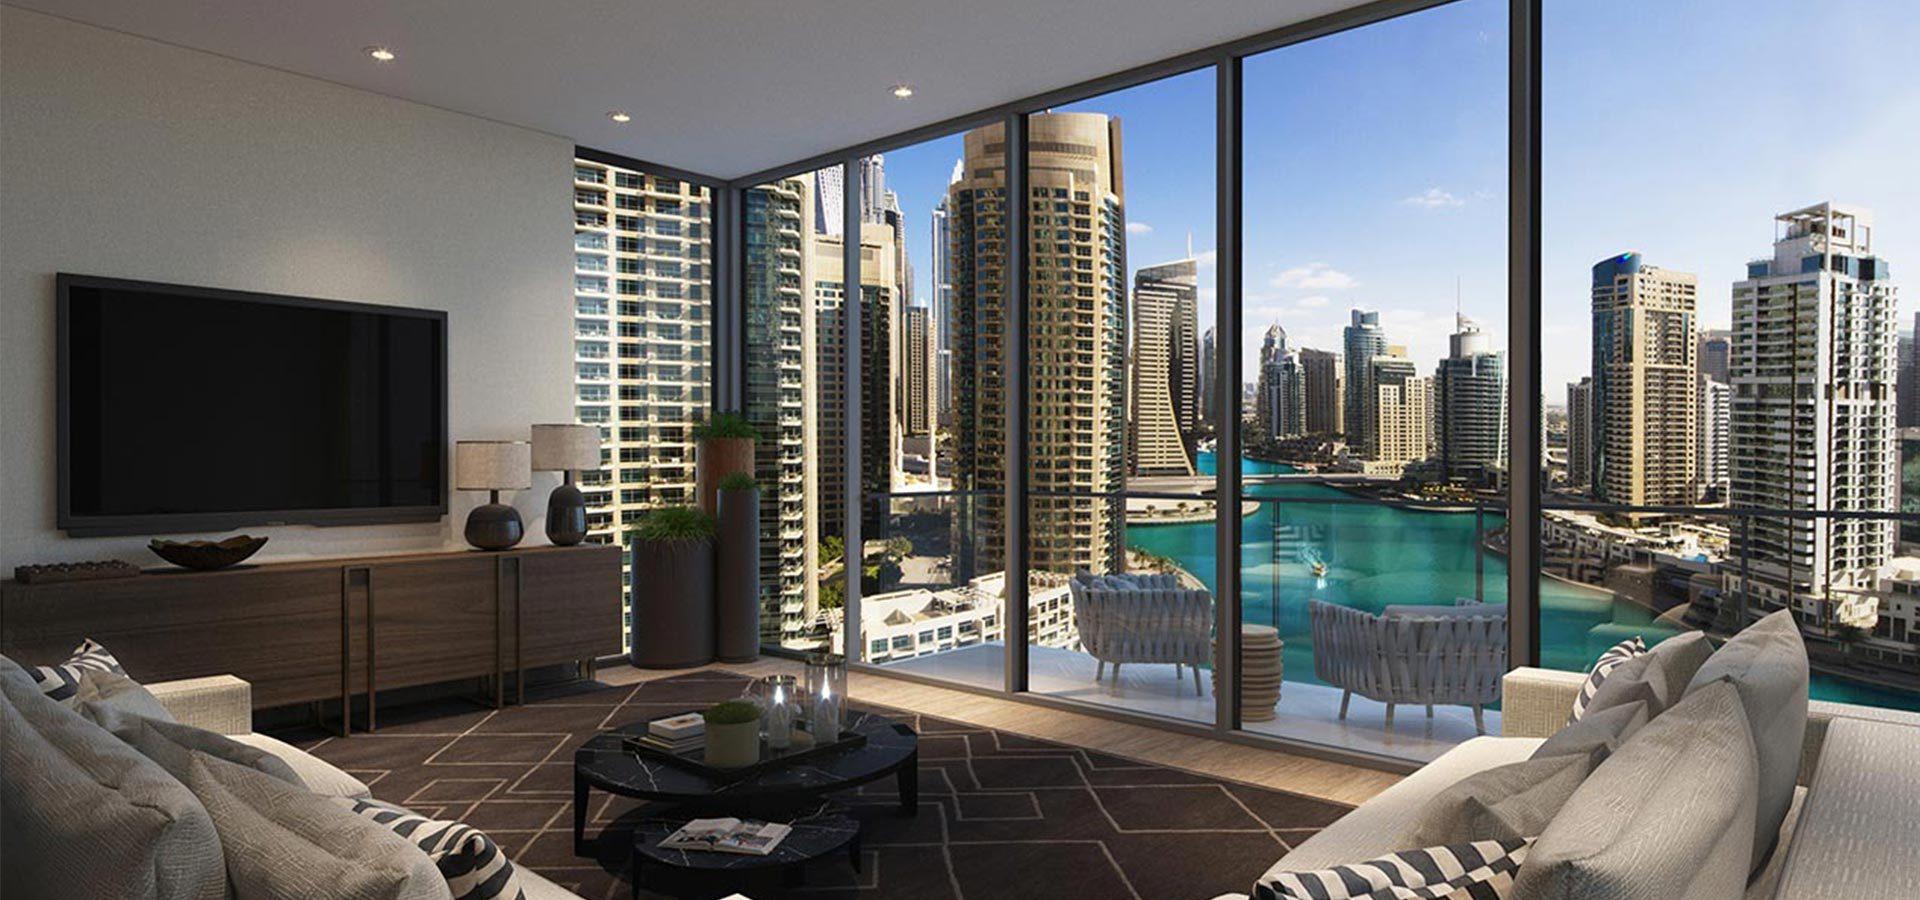 Апартаменты LIV Residence в районе Дубай Марина – Интерьер